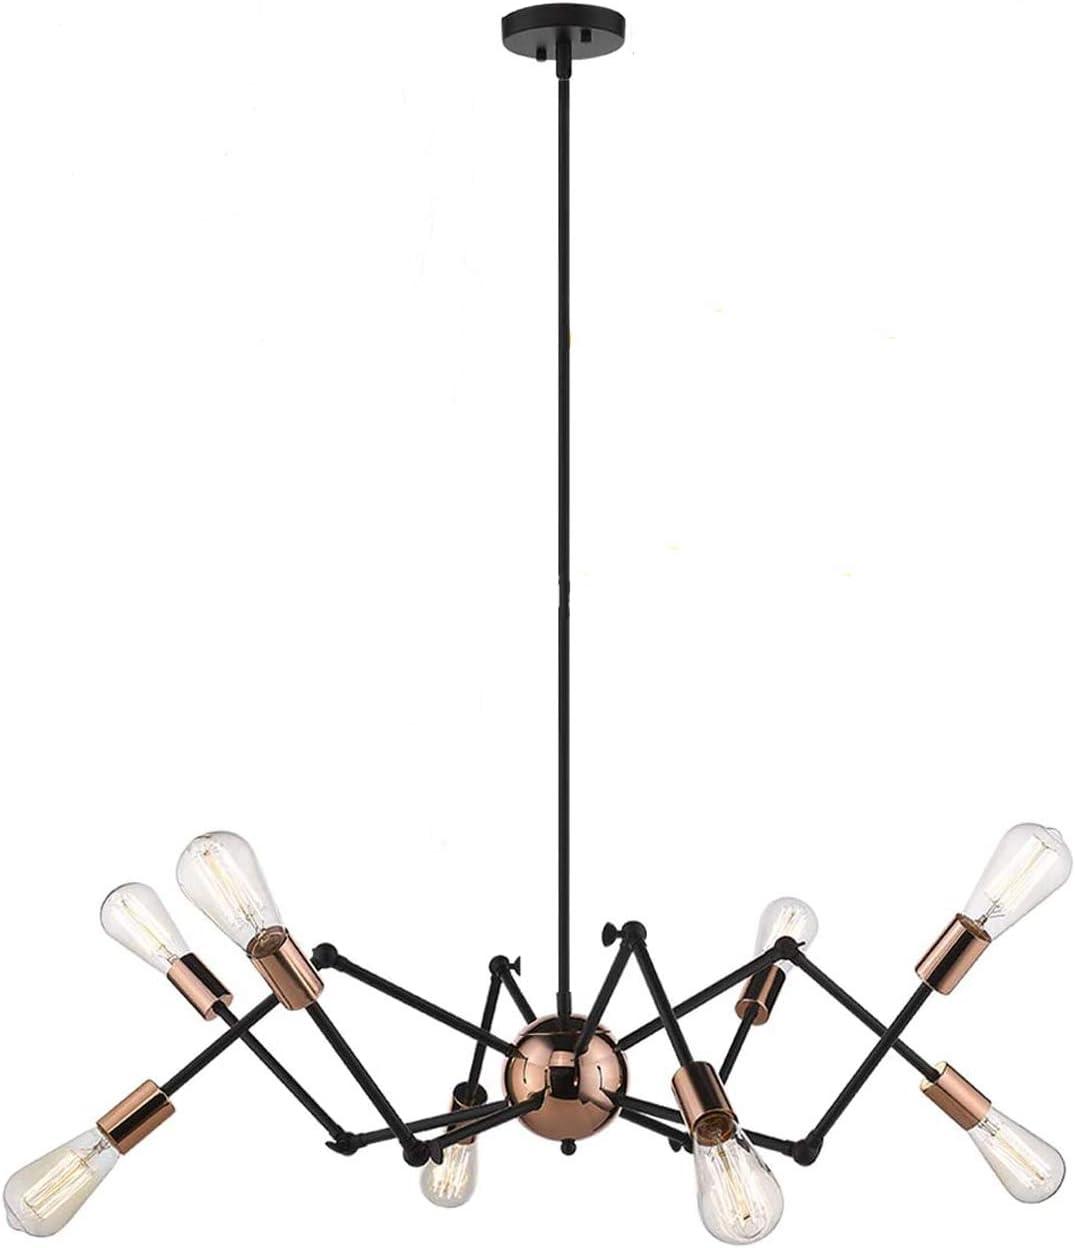 Harriet Modern 8-Light Sputnik Chandelier, Starburst Mid Century Pendant Light Adjustable Swing Arms Ceiling Light Fixture for Kitchen, Dining Room, Living Room, Black and Rose Gold Finish, HPL02BRG-8